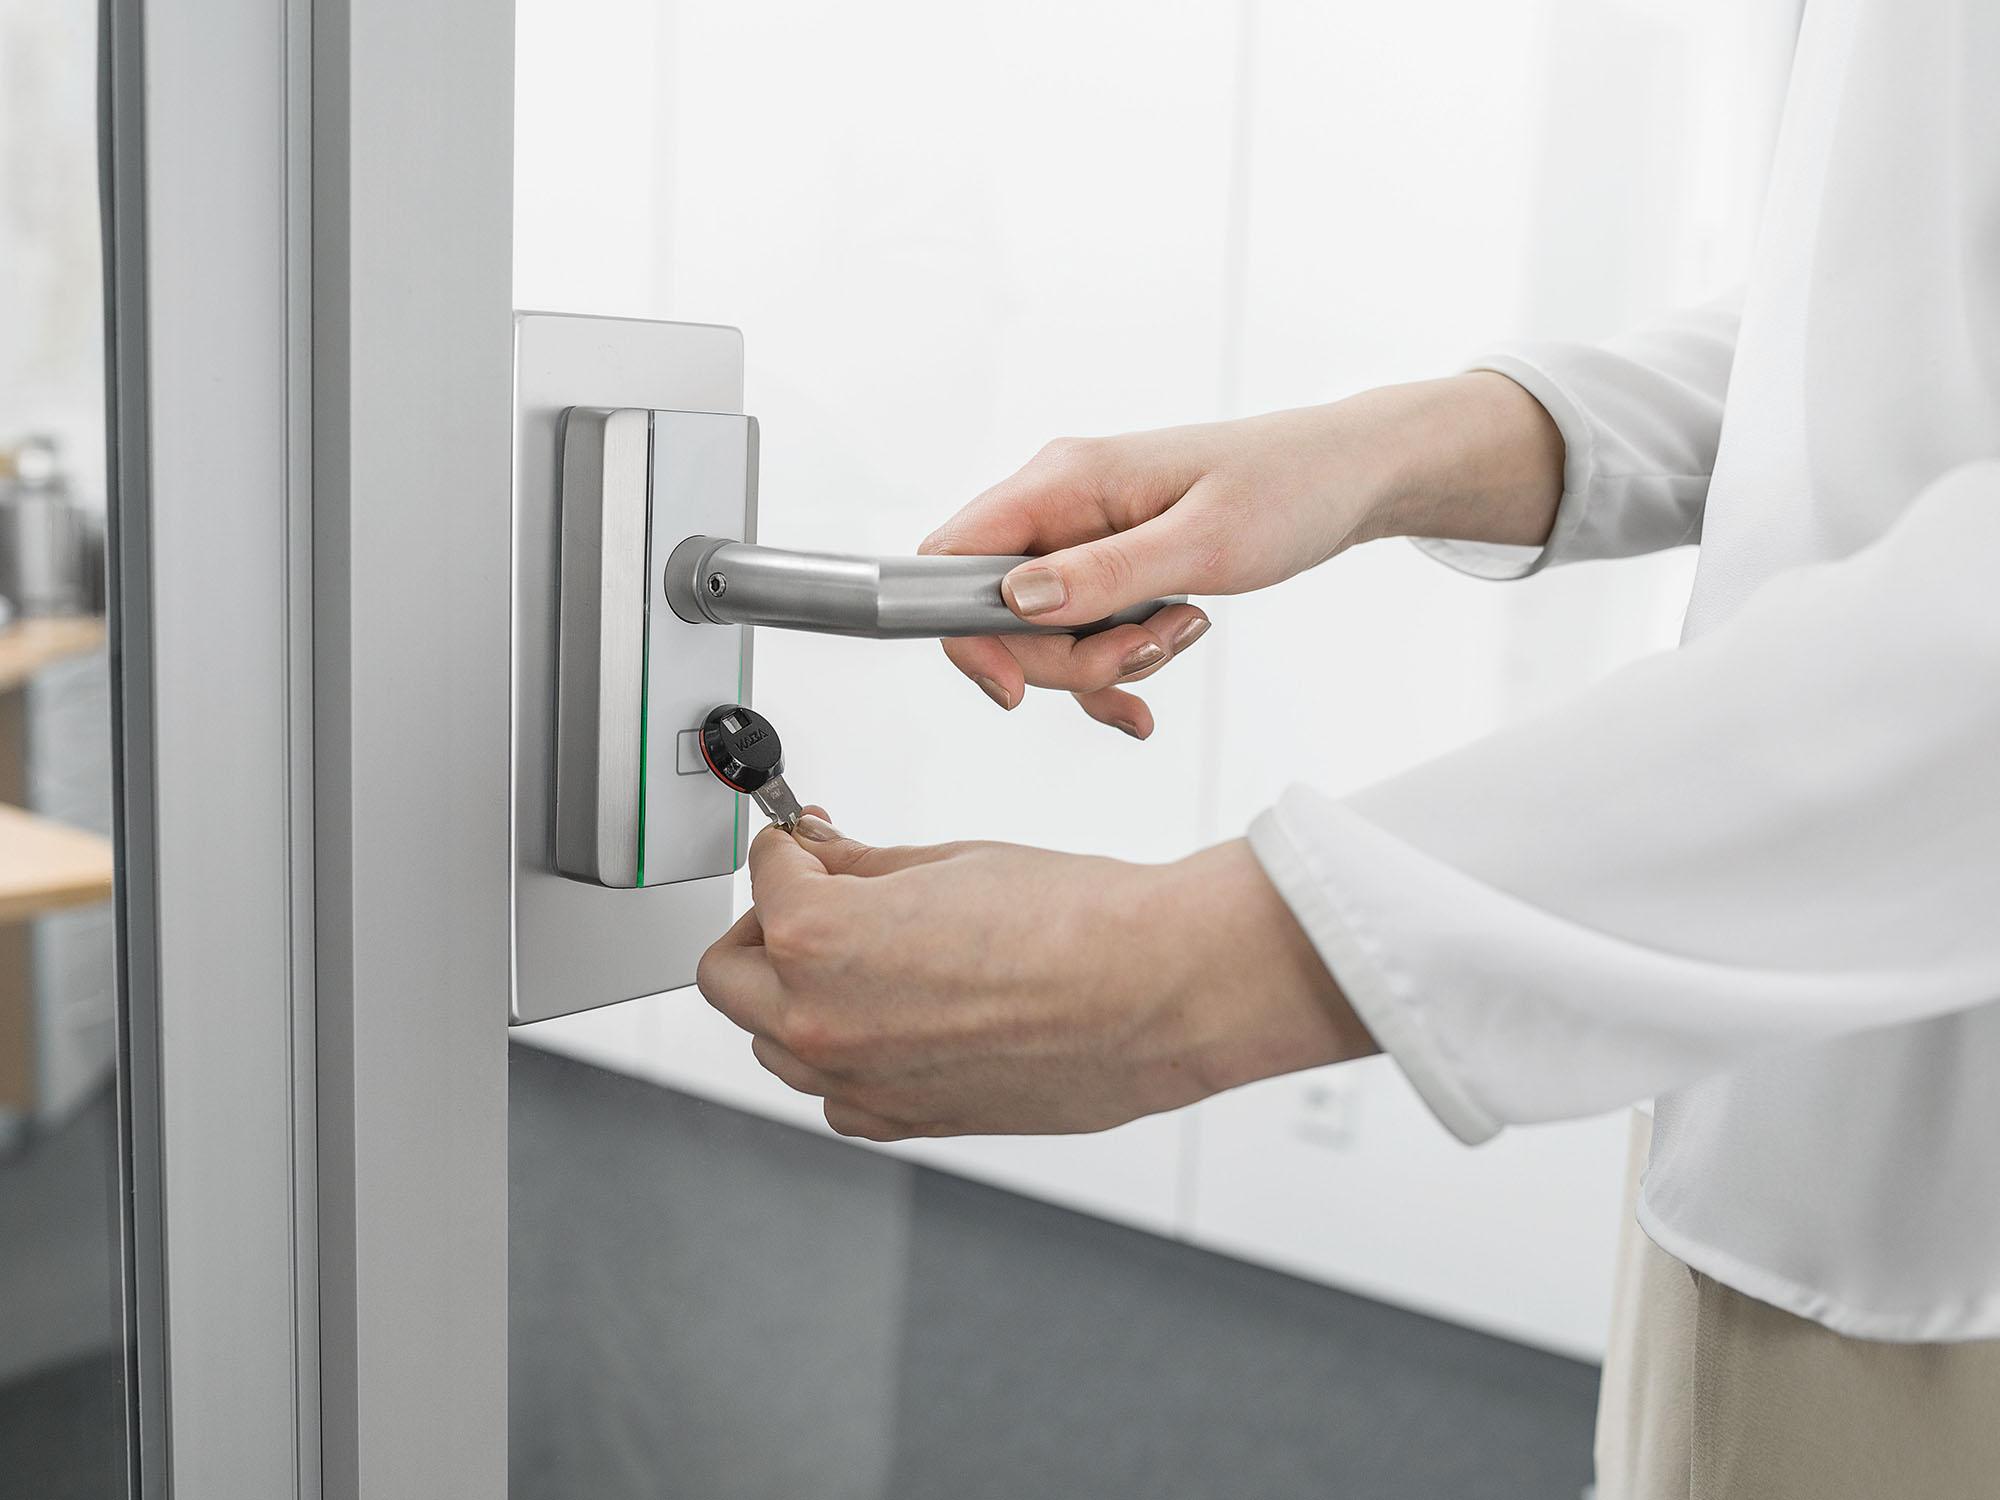 Kaba electronic door locks & readers - dormakaba c-Lever Compact